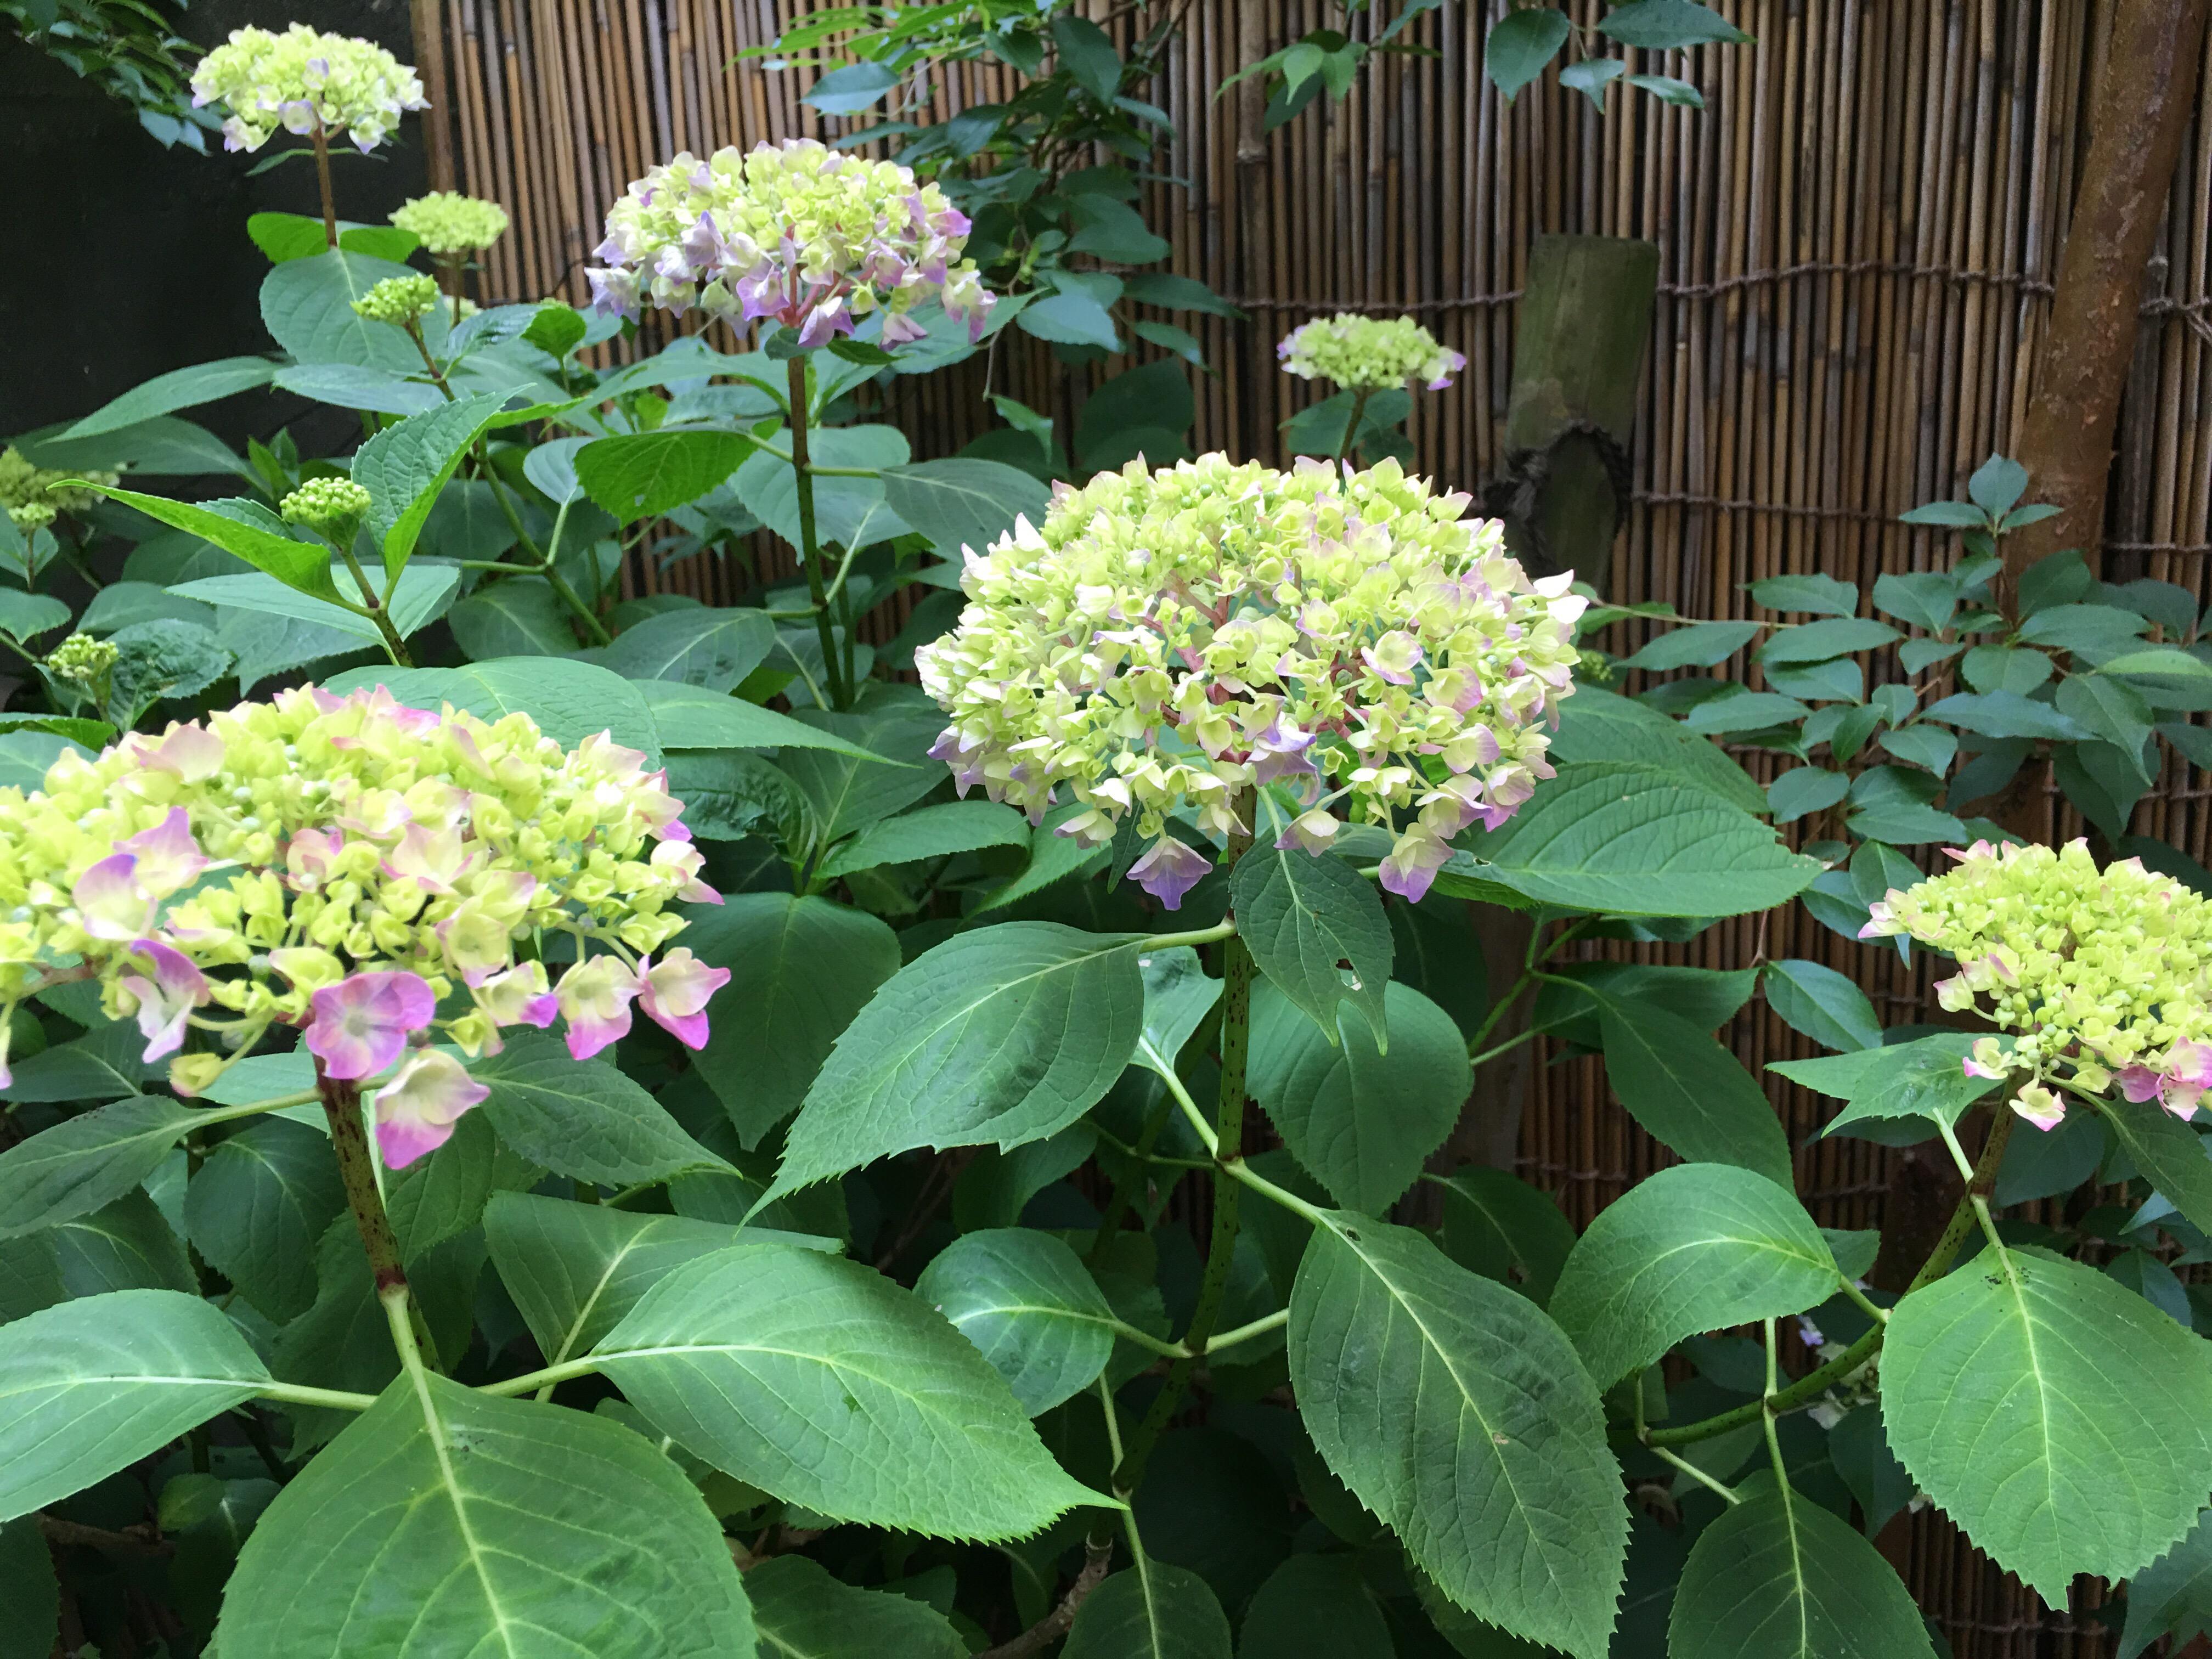 紫陽花が咲き始めましたよ【本格的睾丸マッサージとタイ古式マッサージ JK】